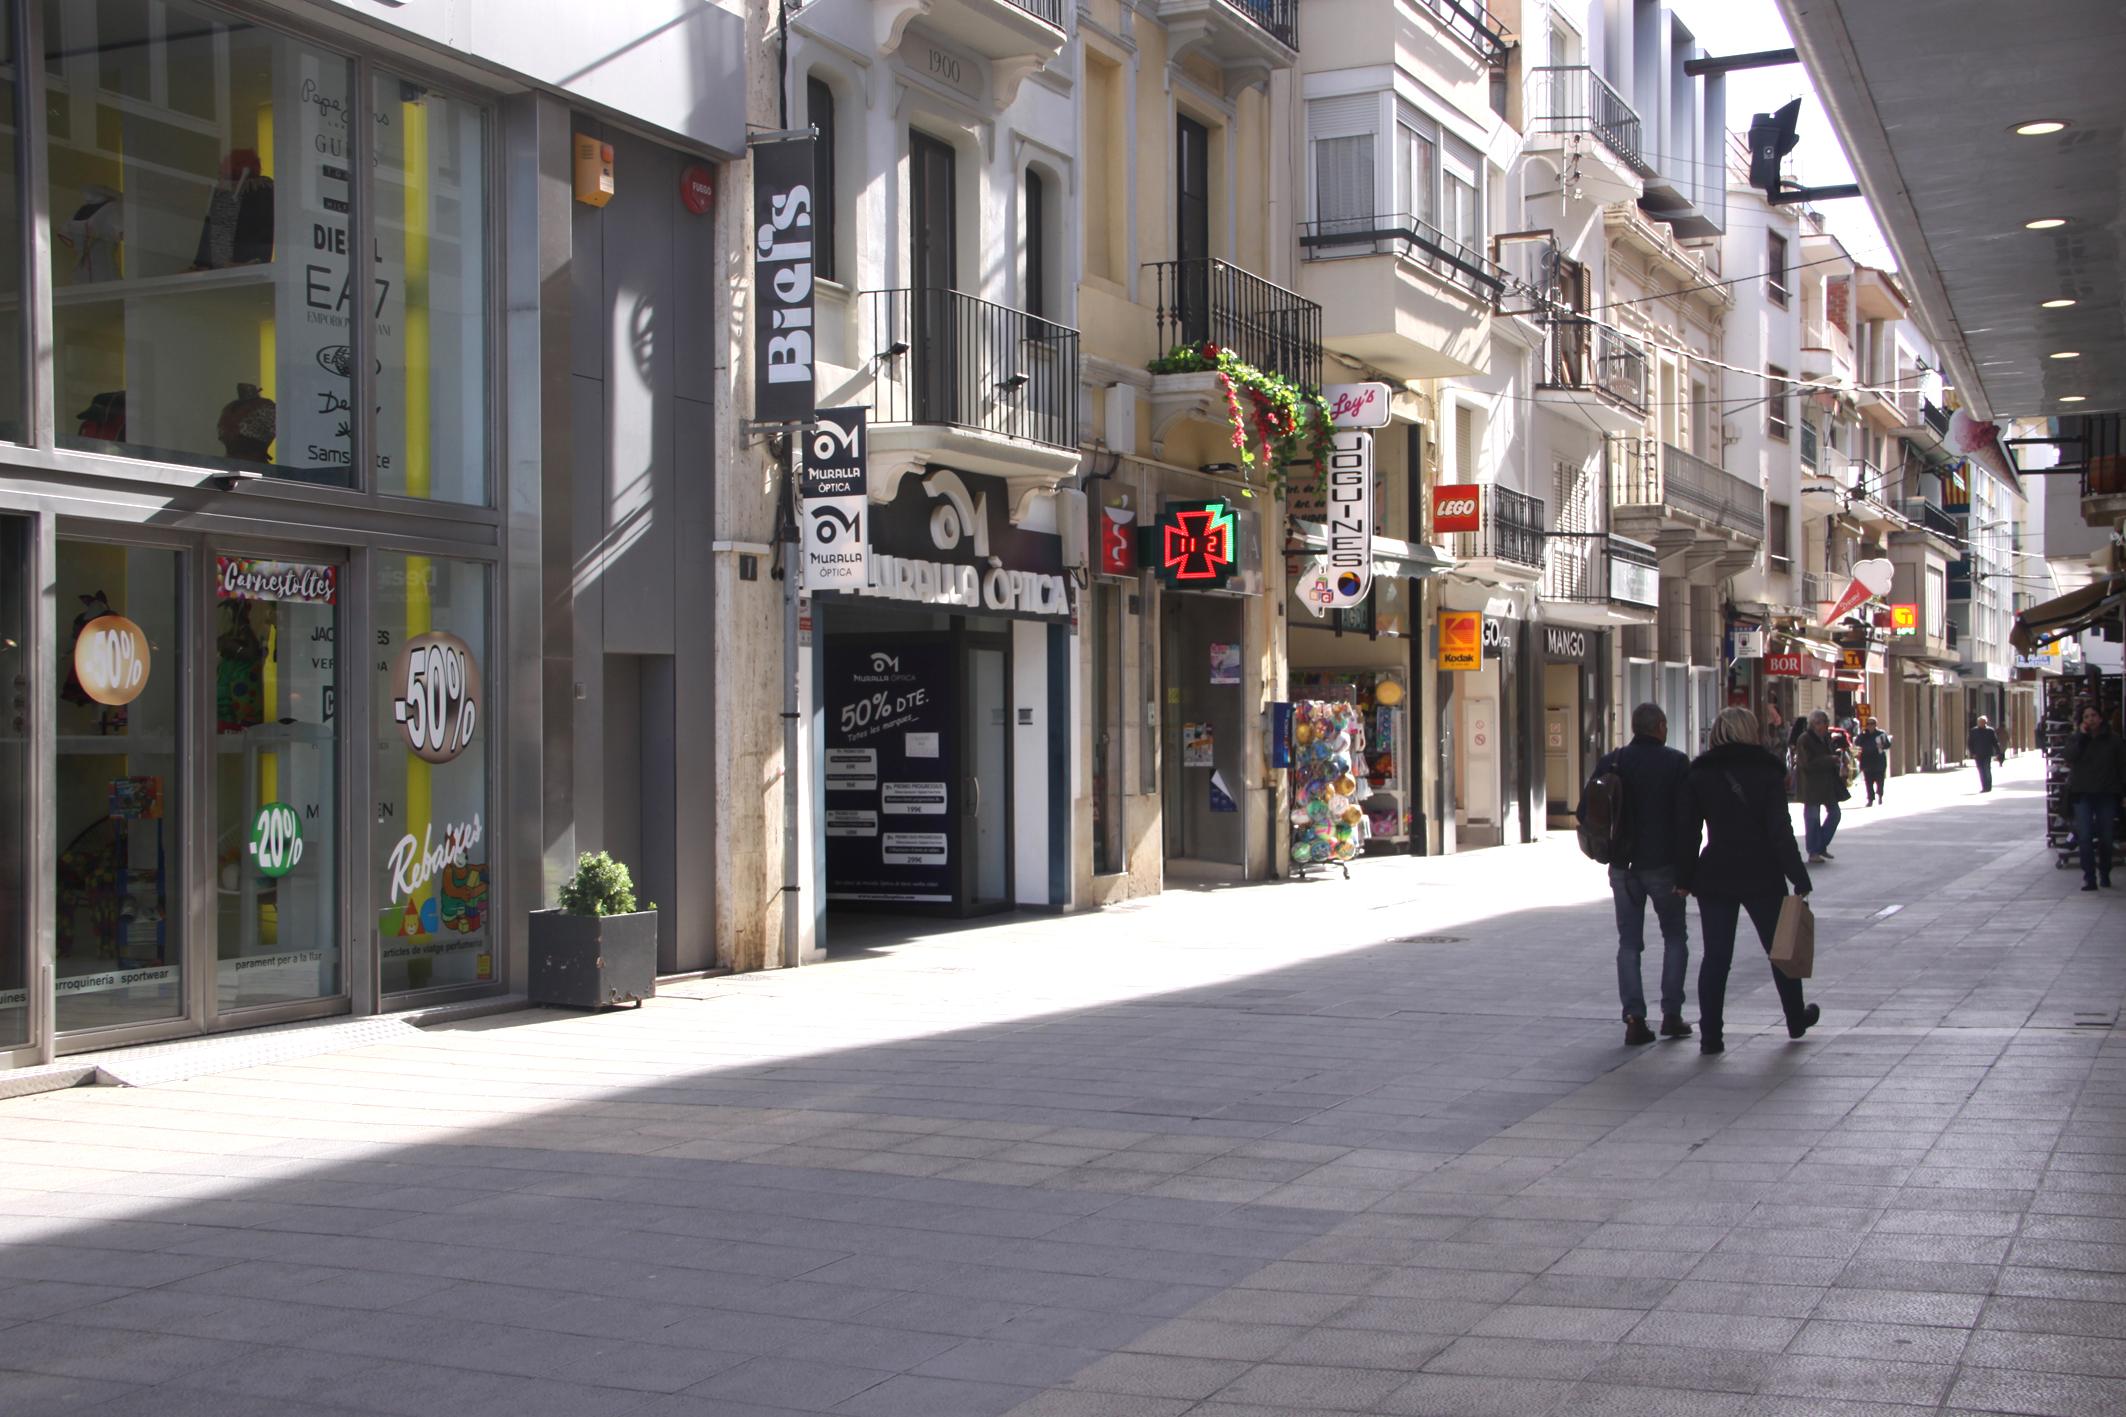 L'Ajuntament de Roses visita i entrevista comerços i empreses locals per conèixer les necessitats del sector